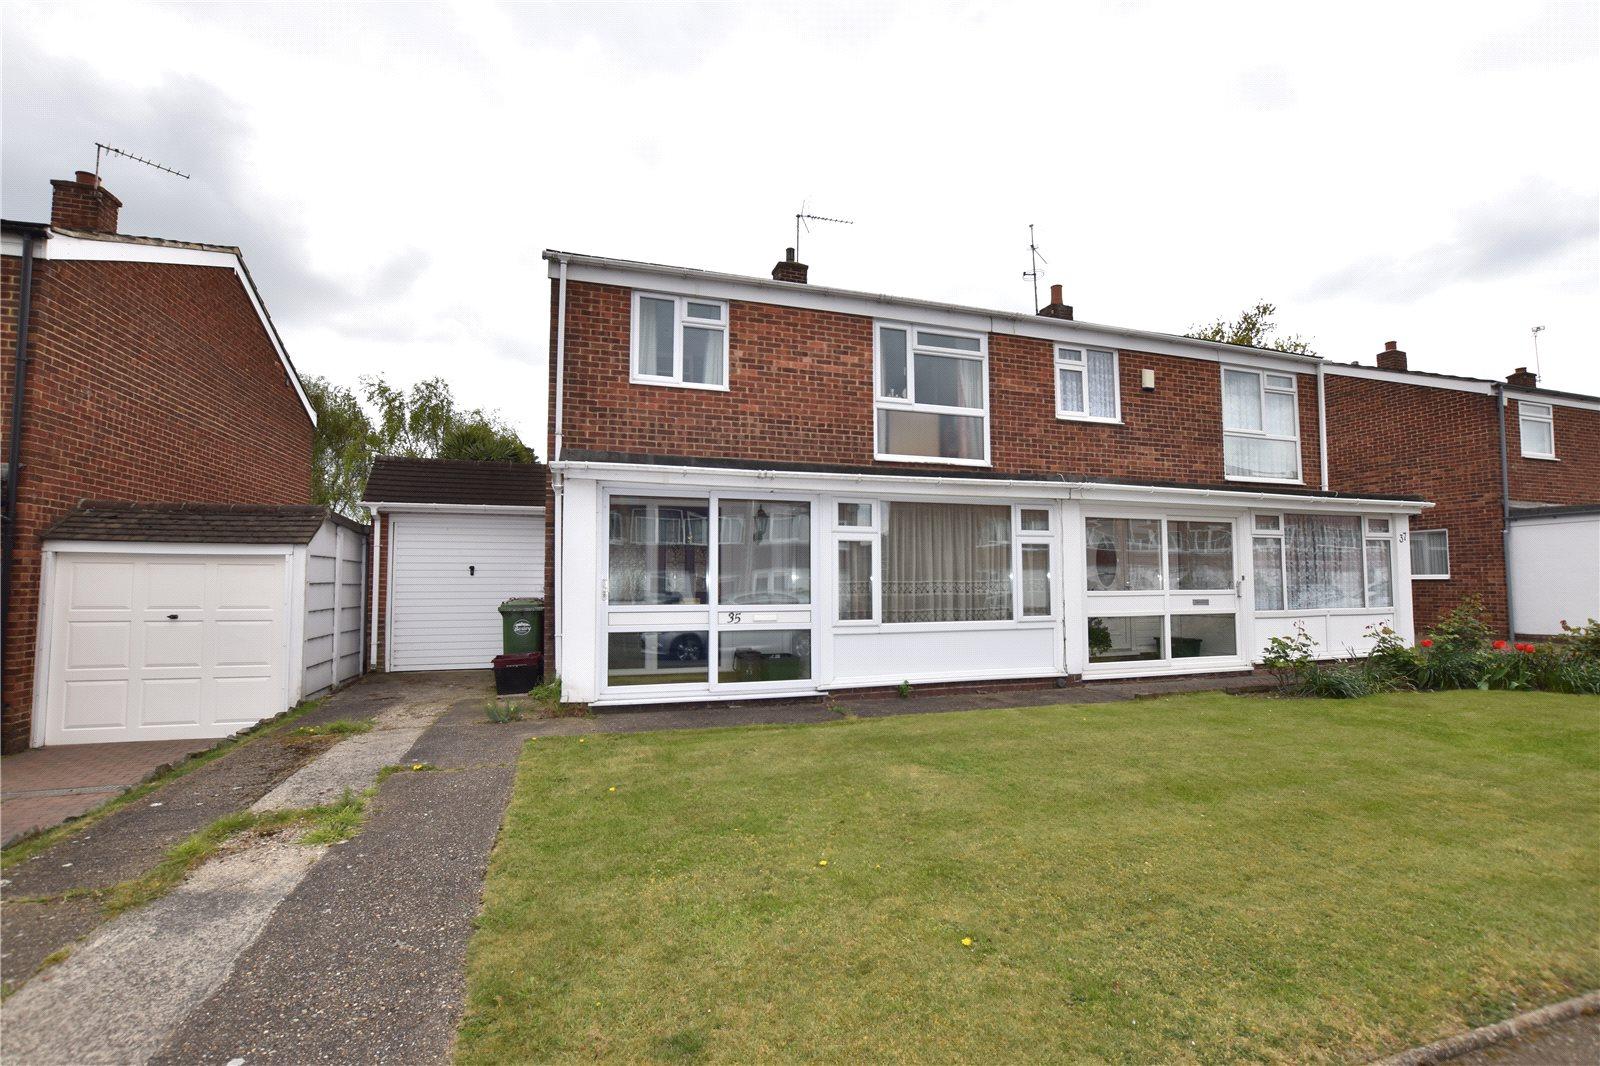 Maiden Erlegh Avenue, Bexley, Kent, DA5